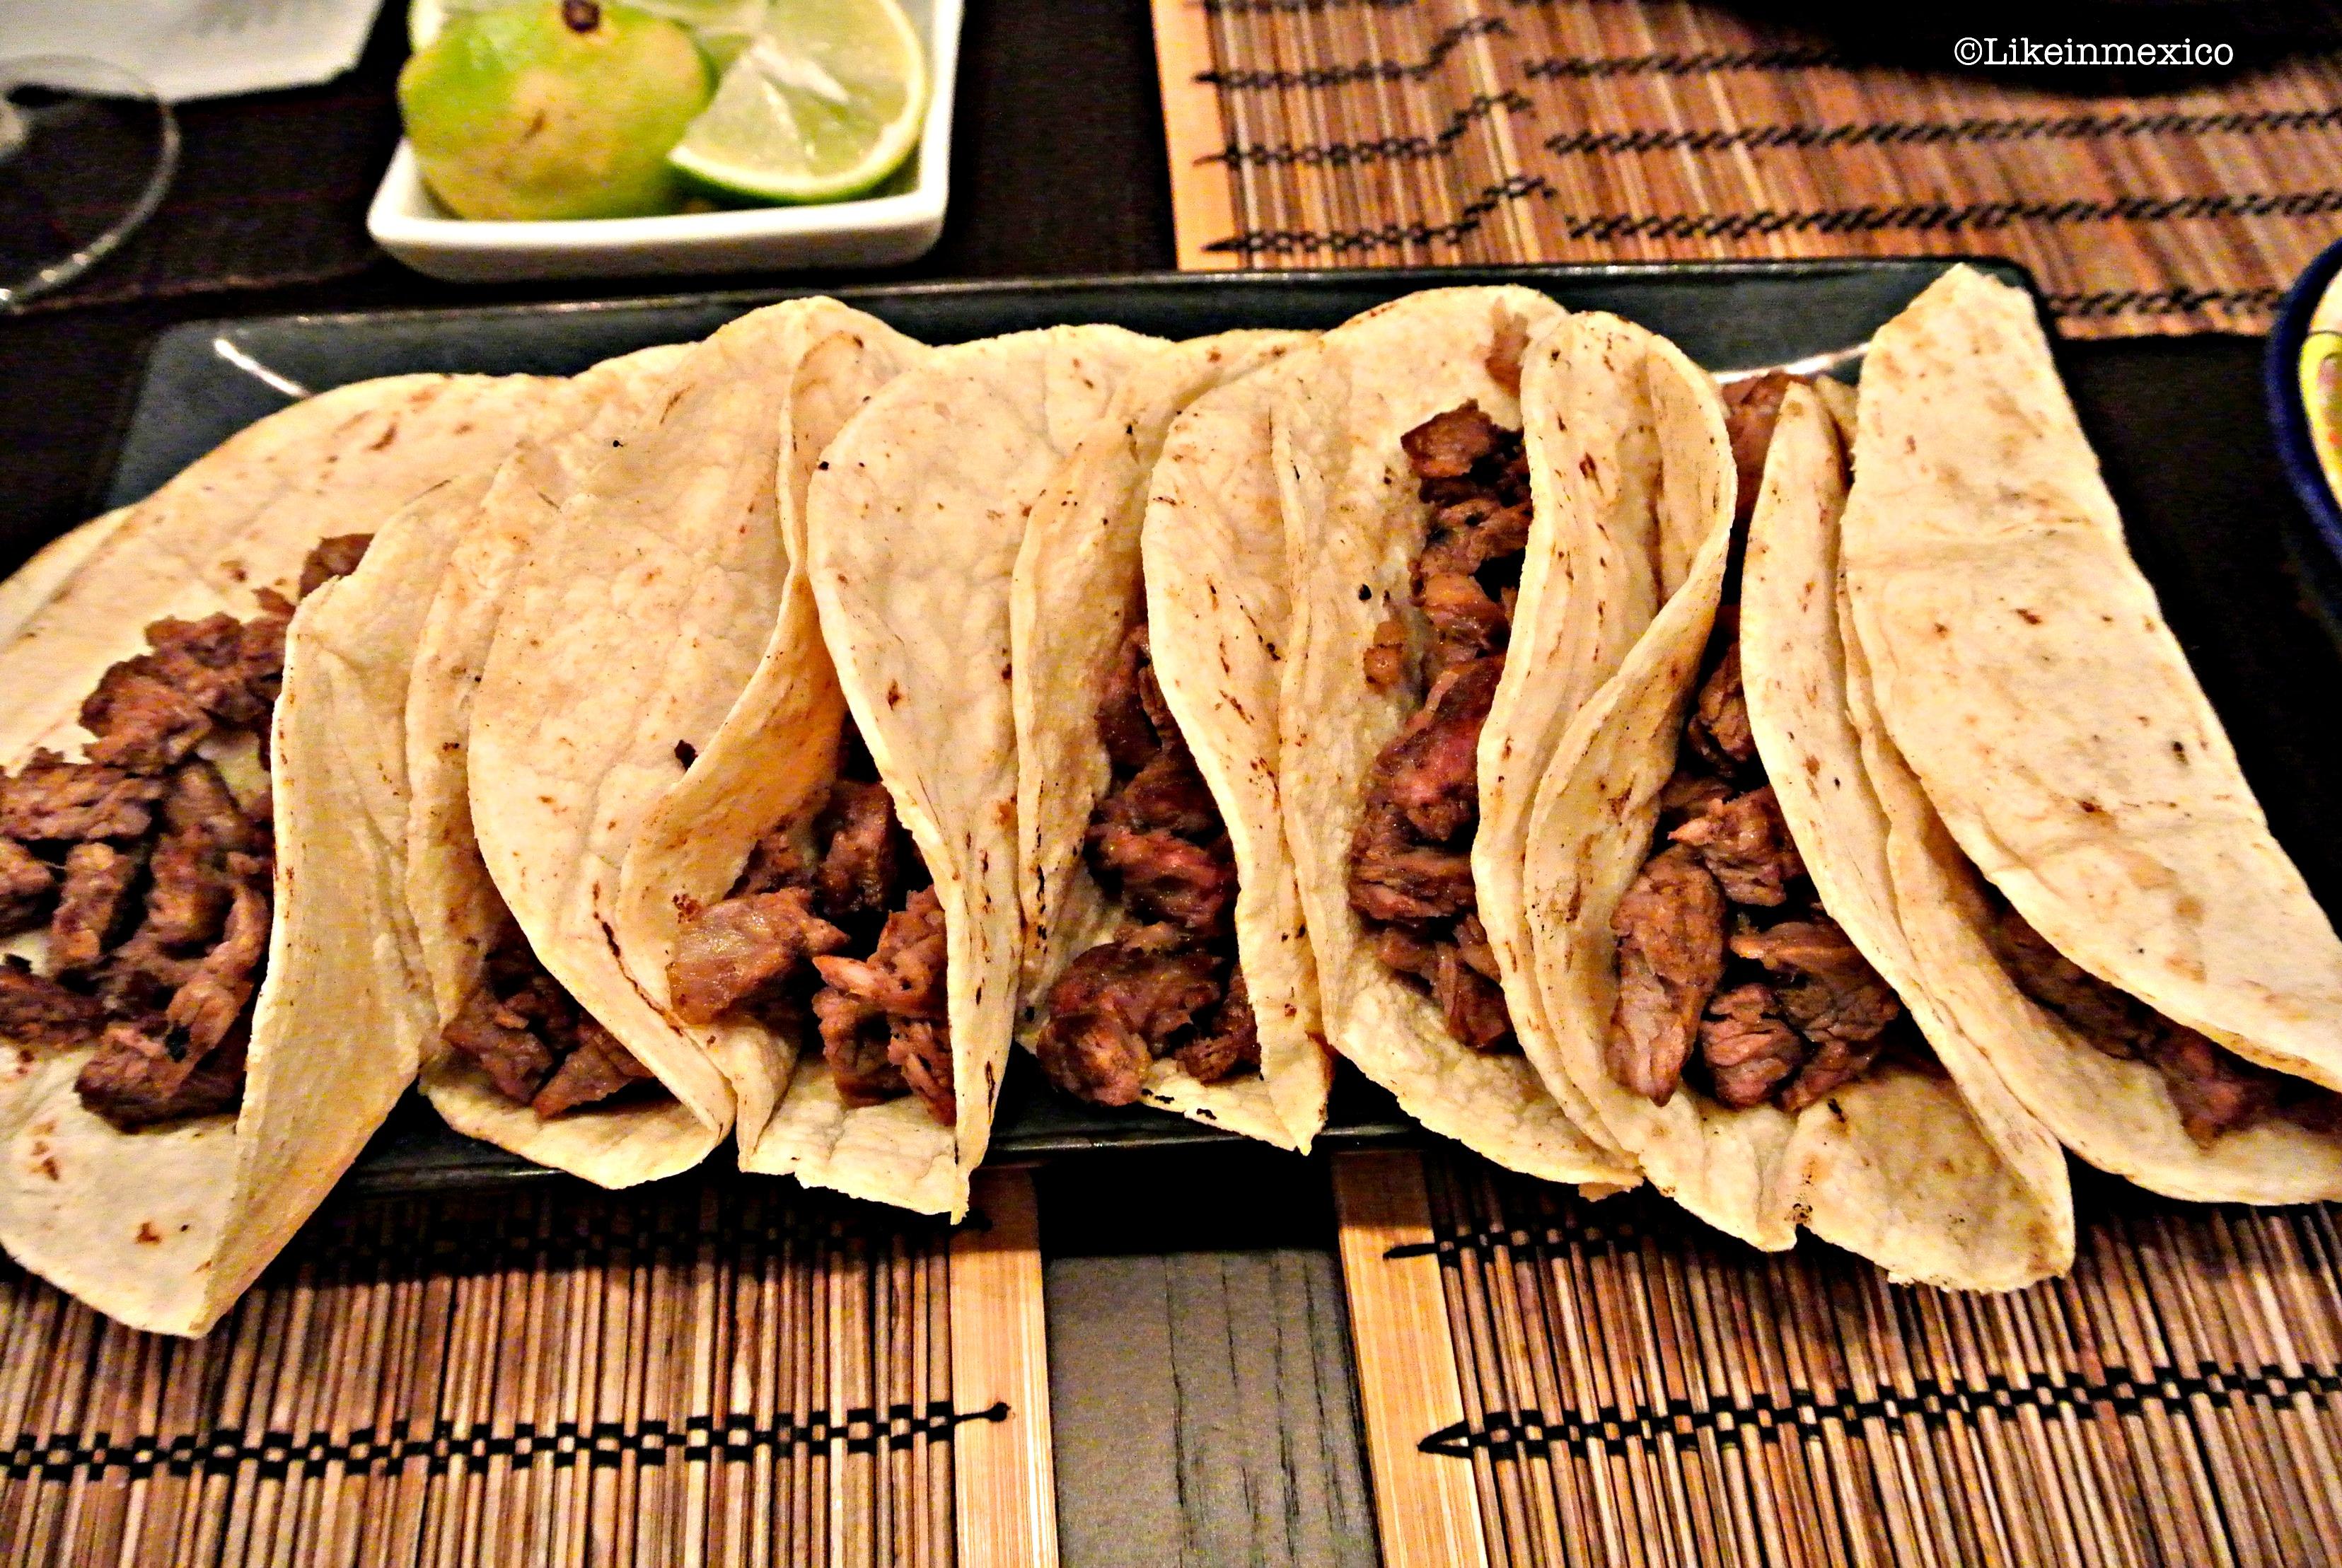 Steak Street Tacos Style Tacos De Carne Asada 5 De Mayo Tacos Ideas L I K E I N M E X I C O